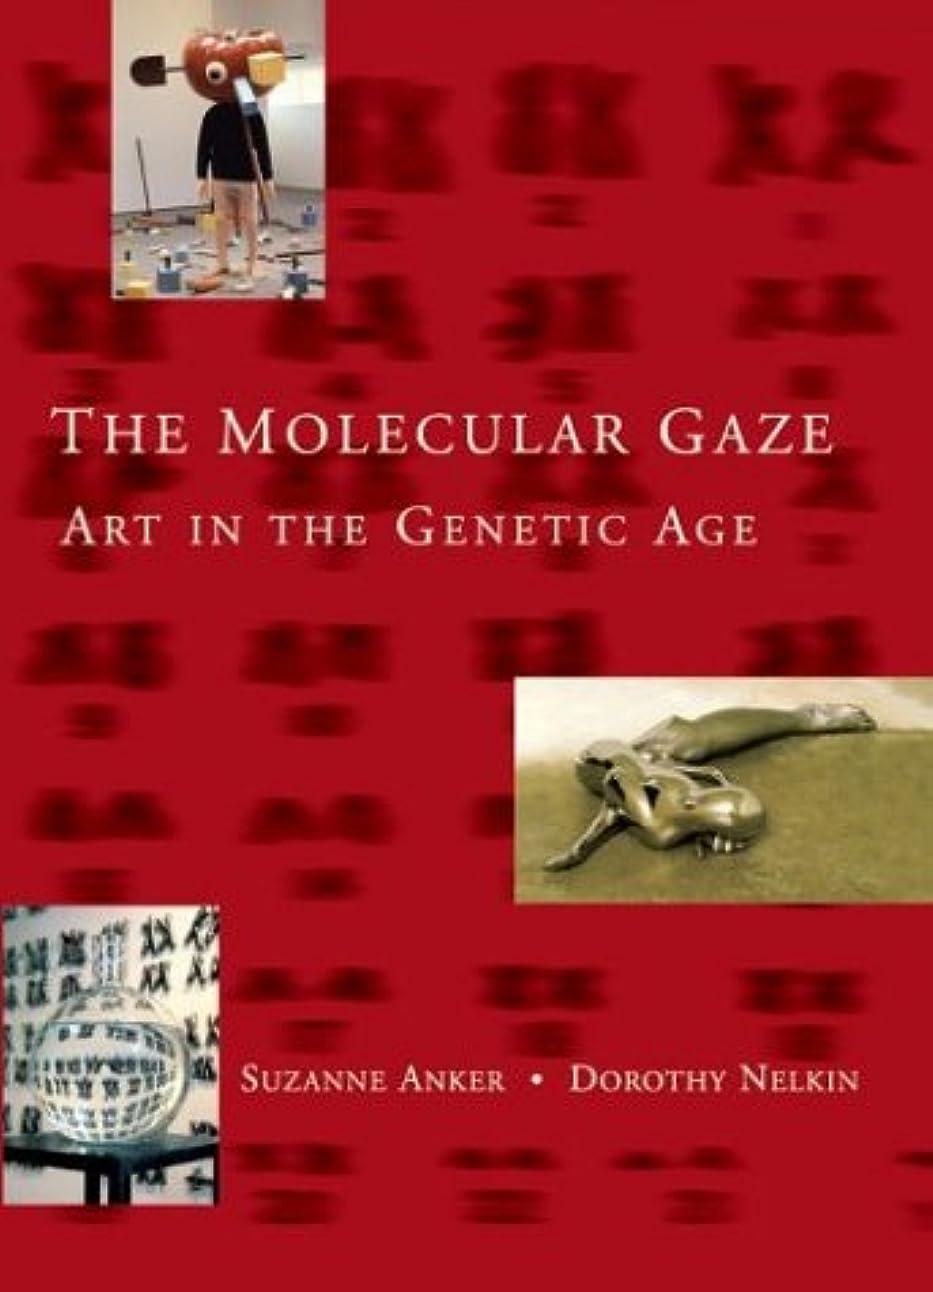 パントリー男やもめ偏心The Molecular Gaze: Art in the Genetic Age (Cold Spring Harbor Laboratory Press Series on Genomics, Bioe)